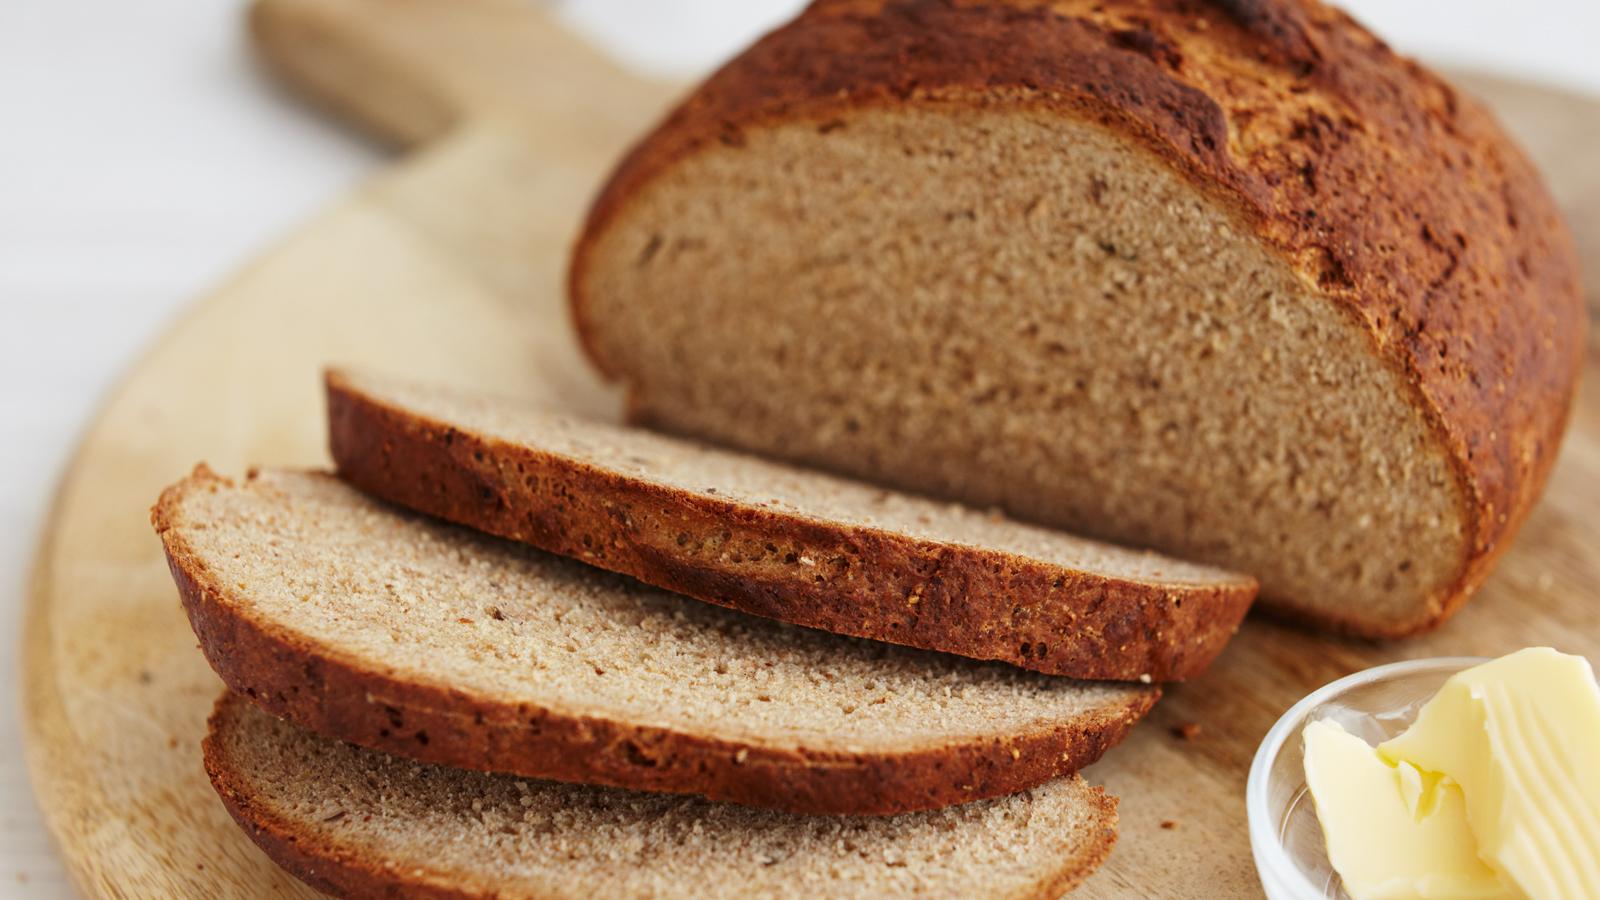 जिमला जाताना फळं नसतील, तर ब्रेड खाल्लात तरी फायदेशीर होईल. पण चुकूनही एकदम रिकाम्या पोटी व्यायाम करू नका.